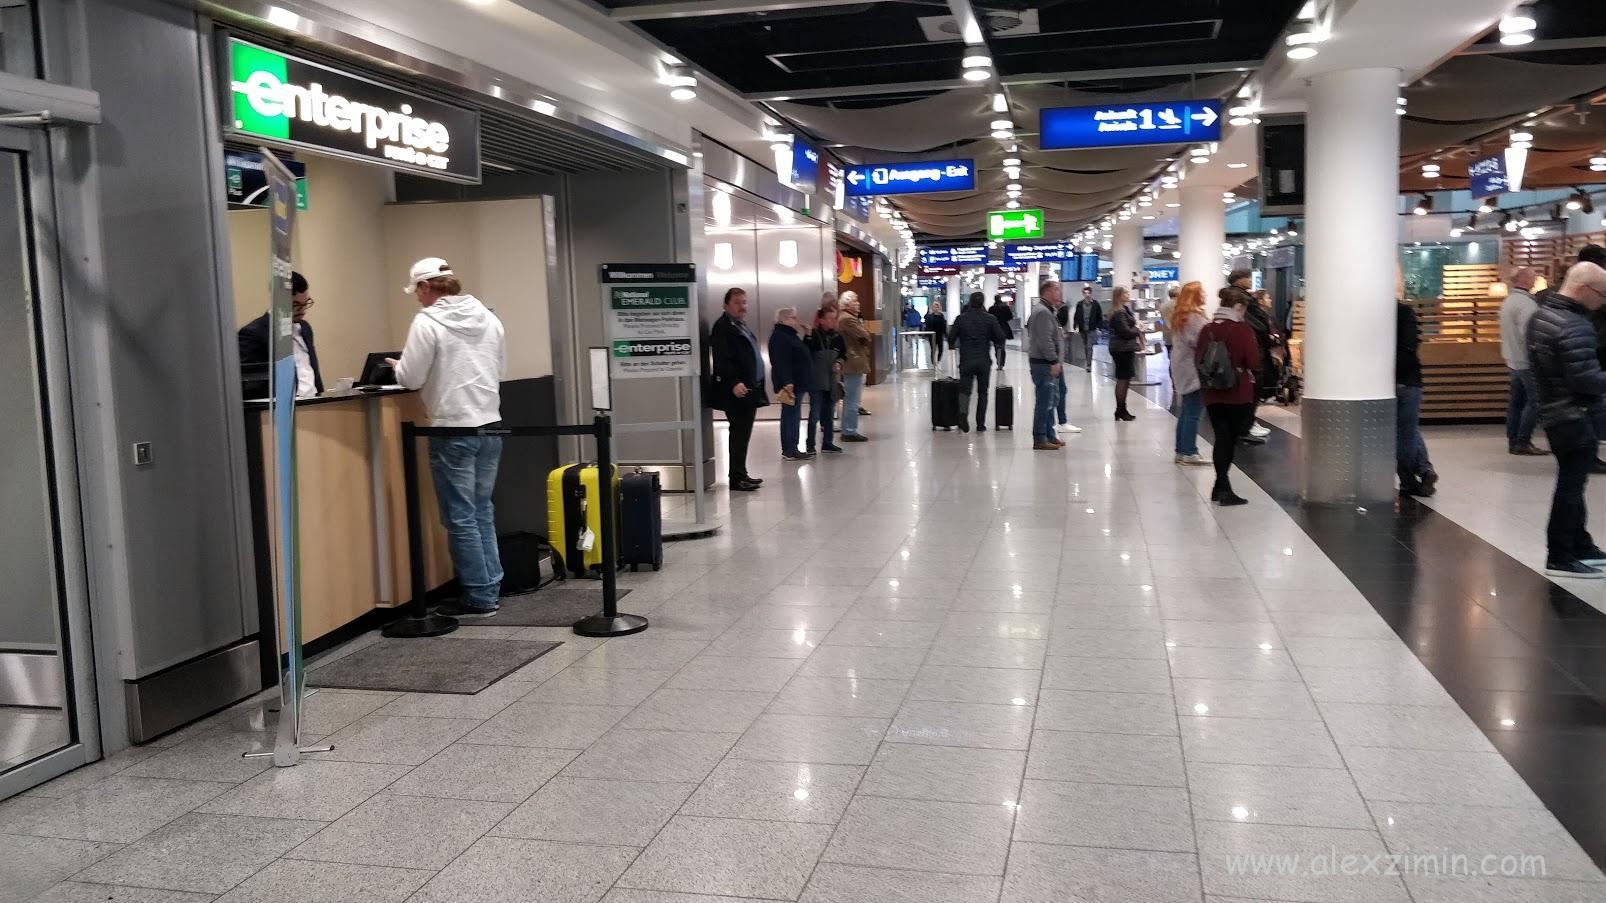 Офис прокатчика Энтерпрайз в аэропорту Дюссельдорфа